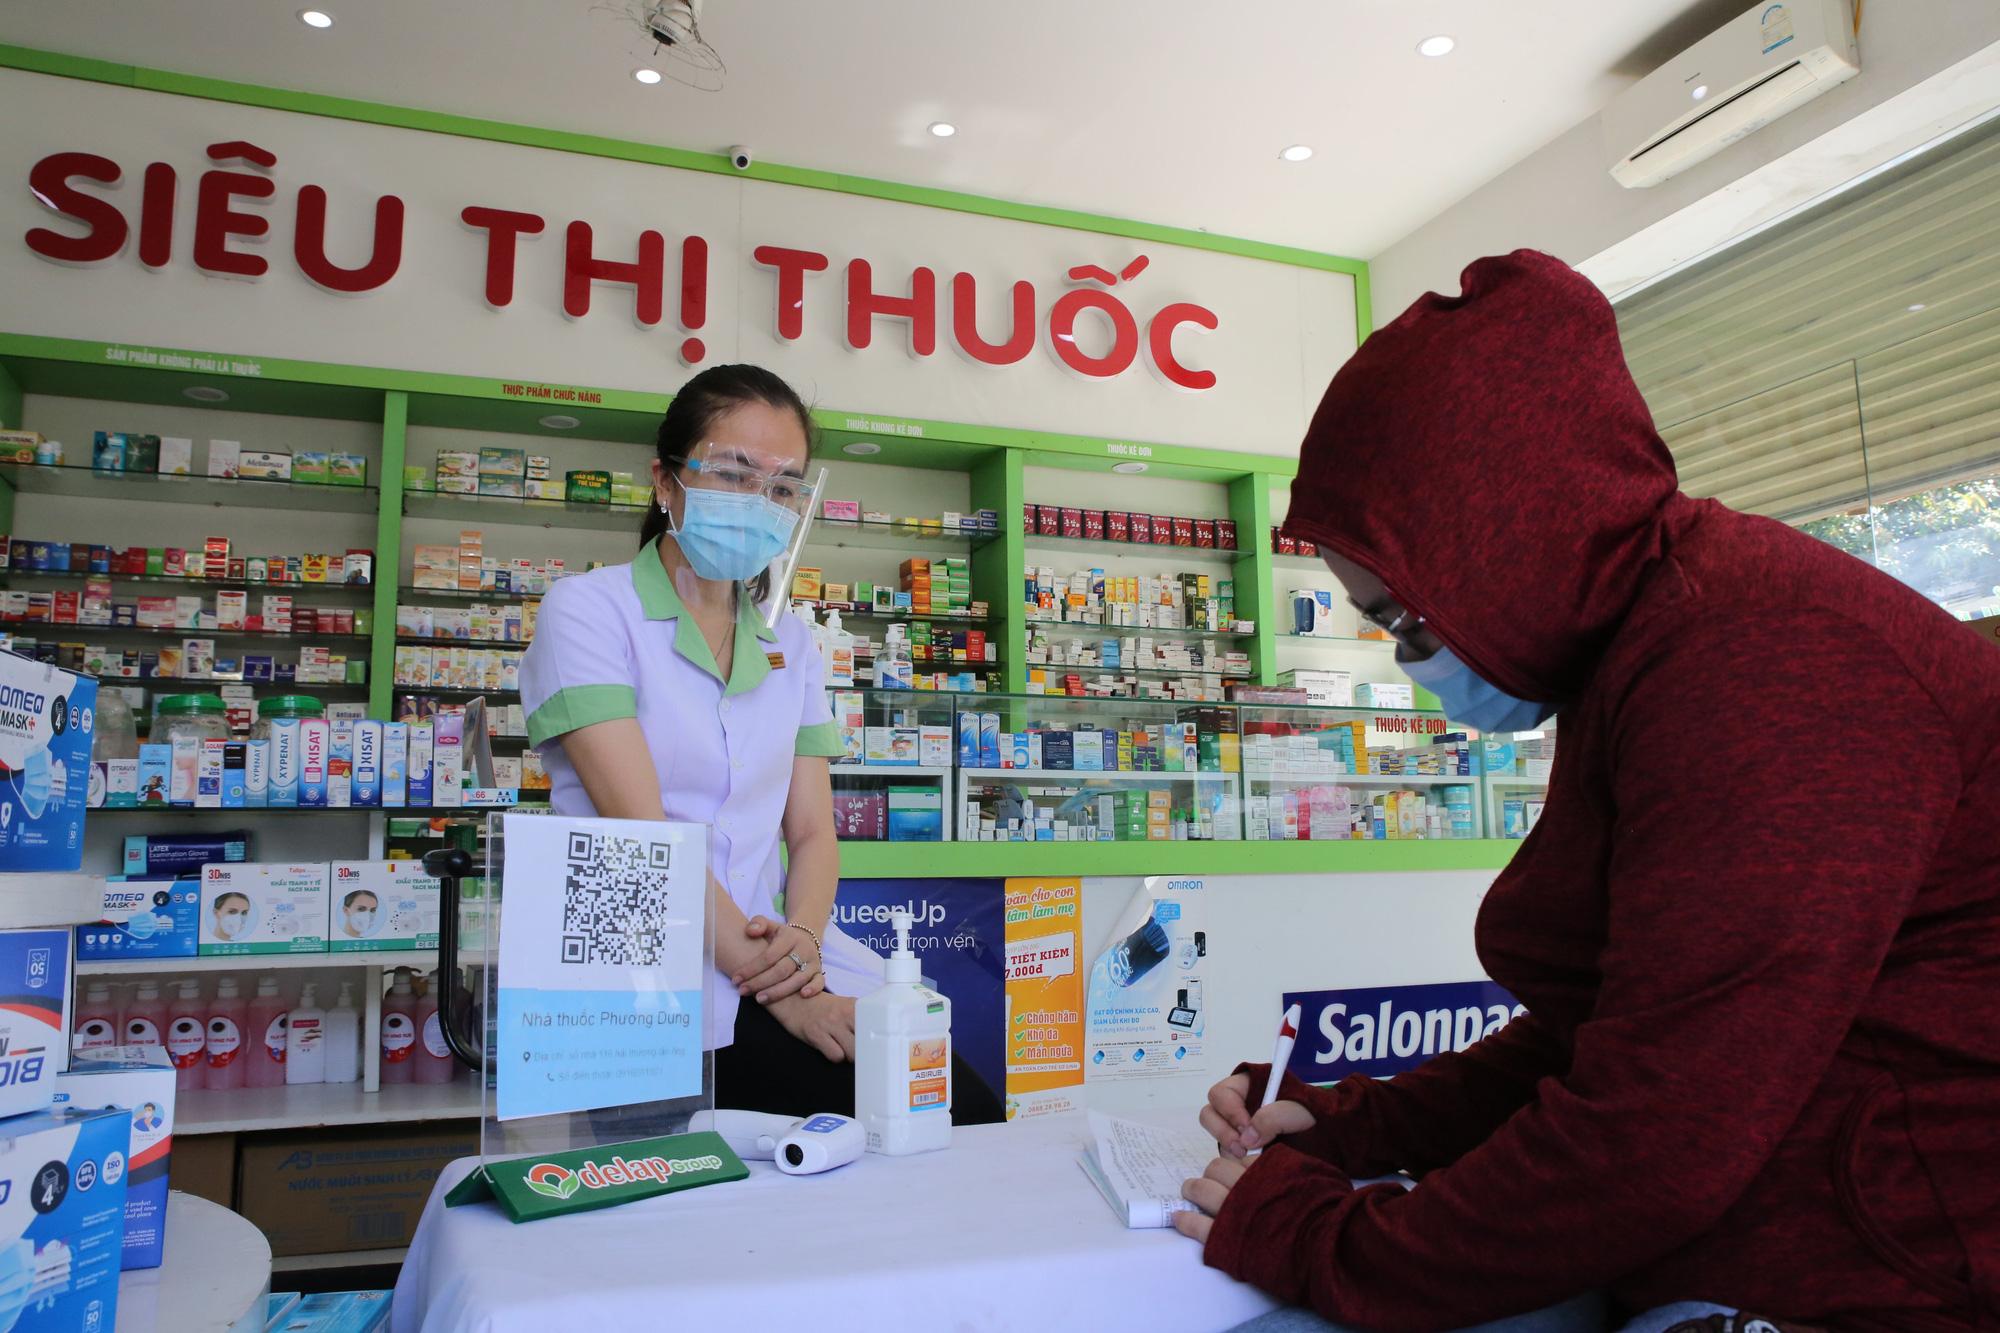 Phạt 10 cơ sở kinh doanh, bán lẻ thuốc chữa bệnh không tuân thủ các biện pháp phòng, chống dịch - Ảnh 4.